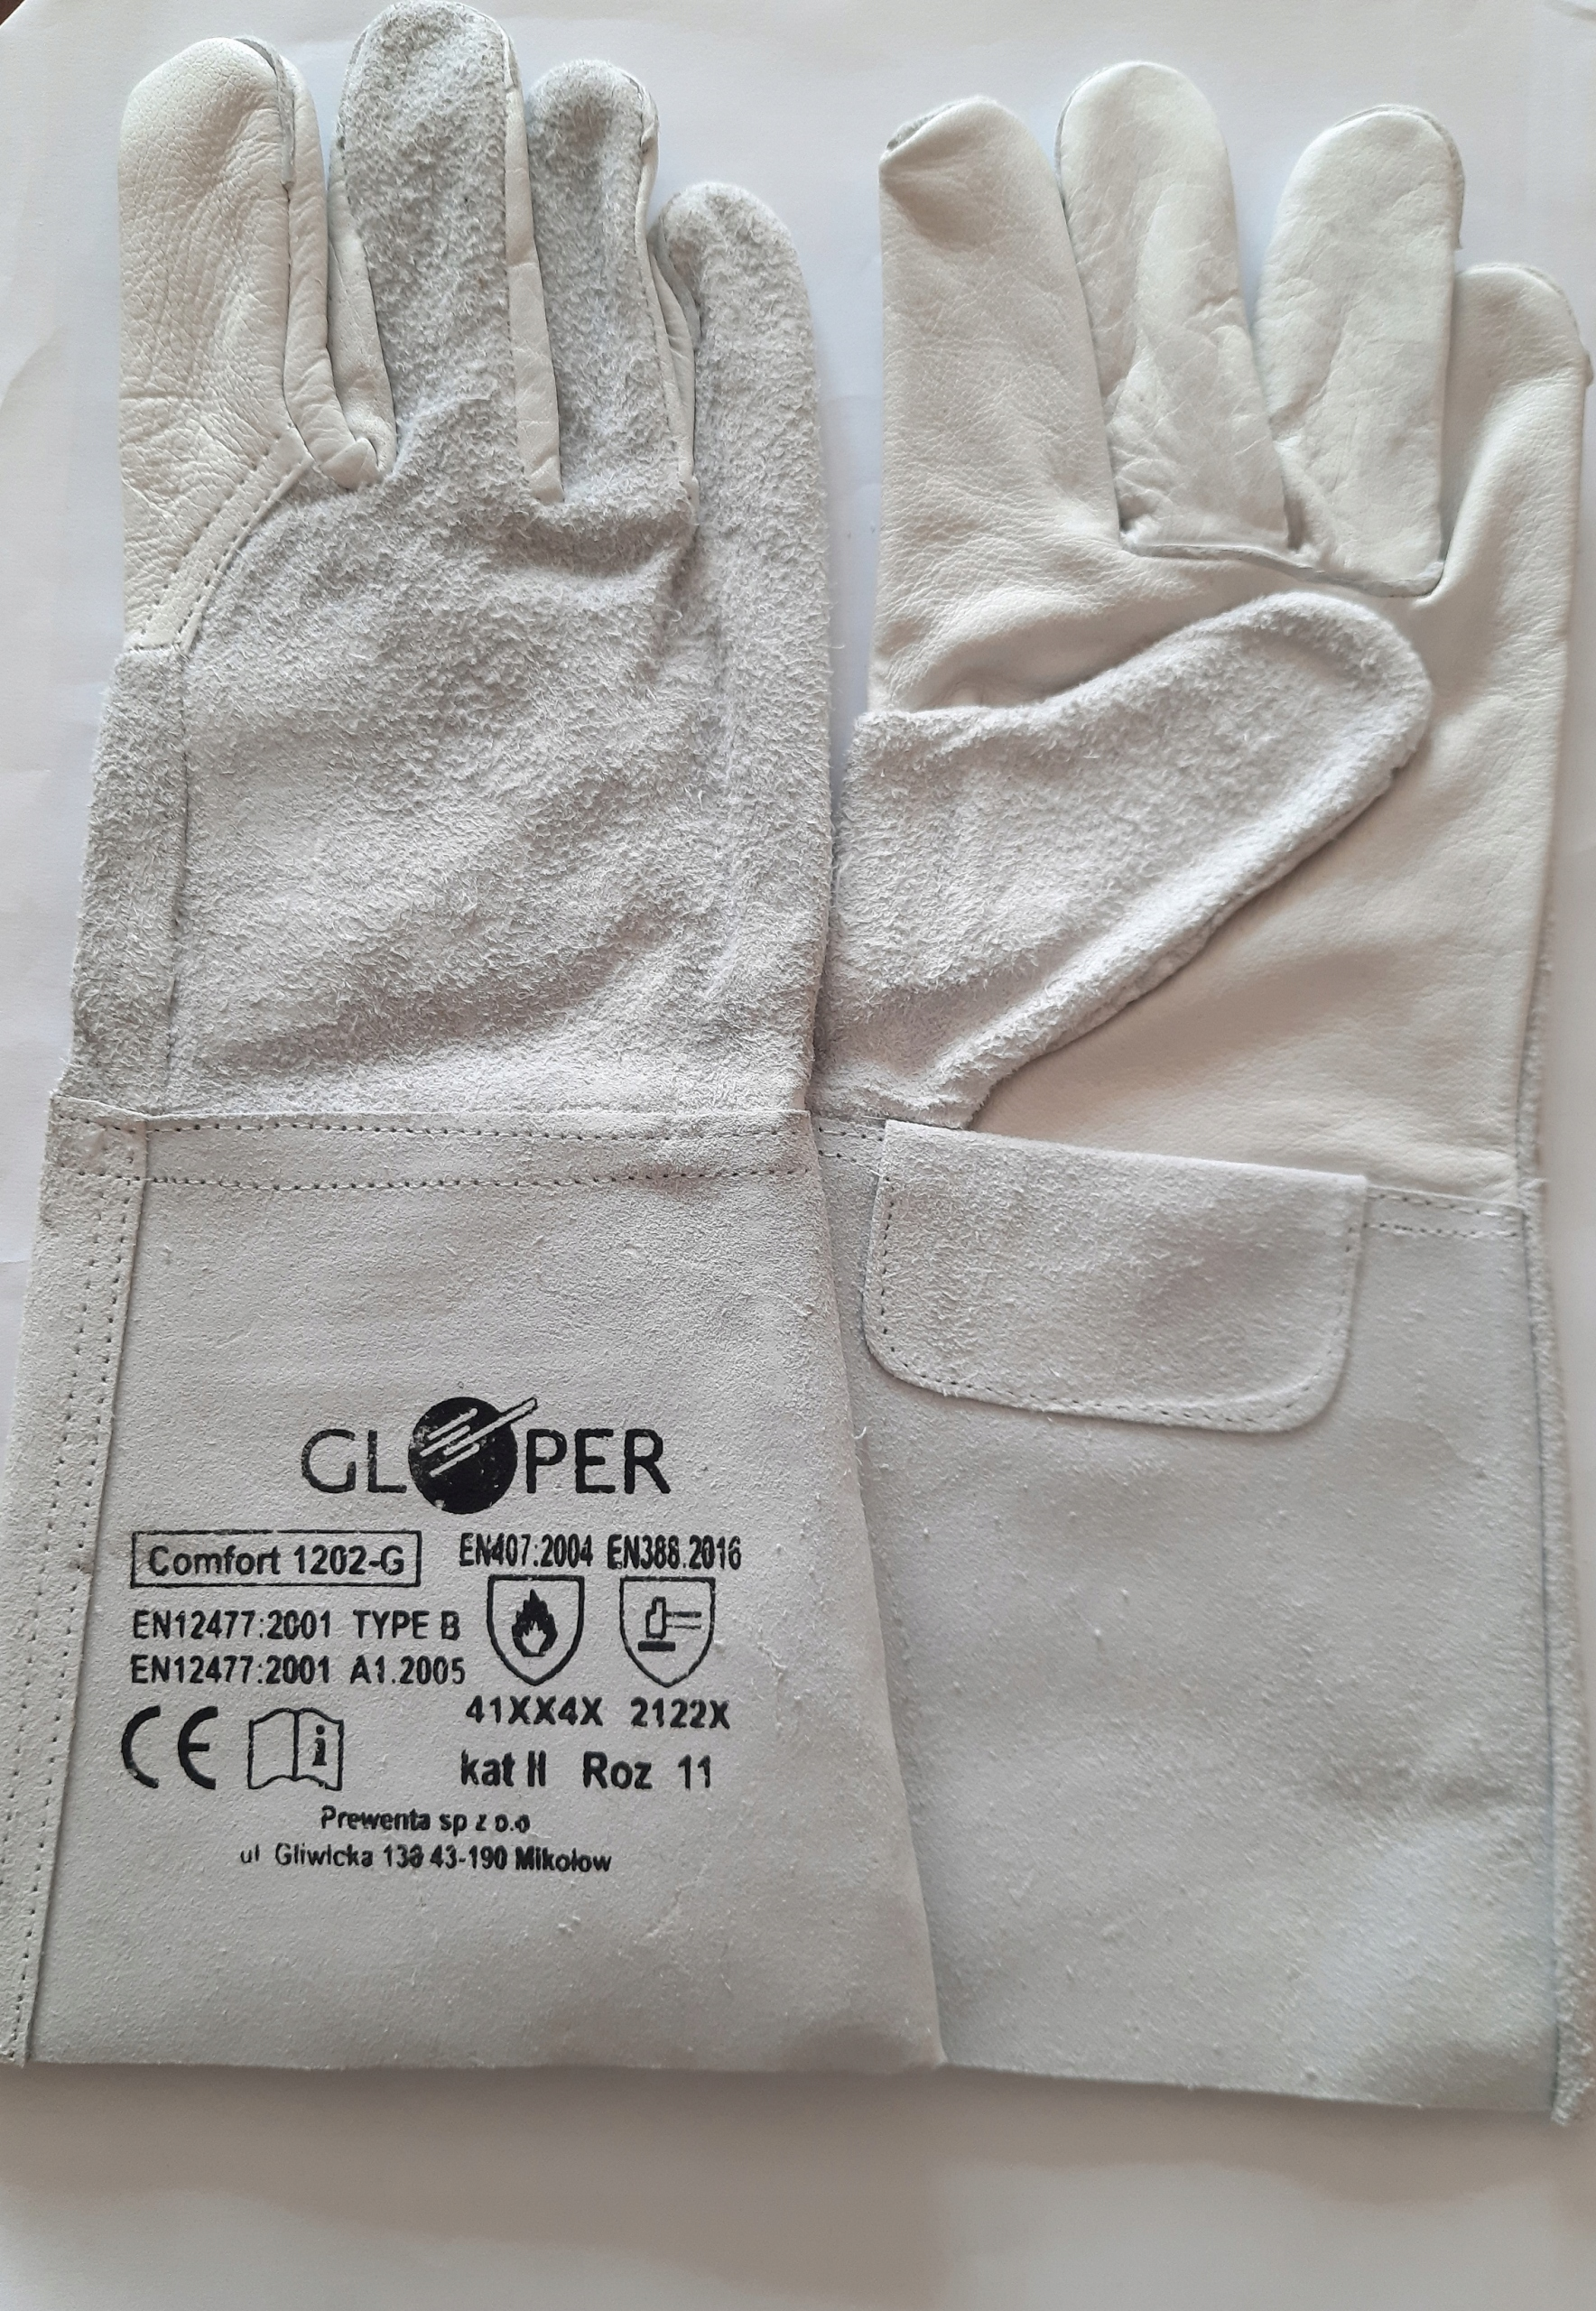 Сварочные перчатки Gloper 1202-G размер 11 xxl